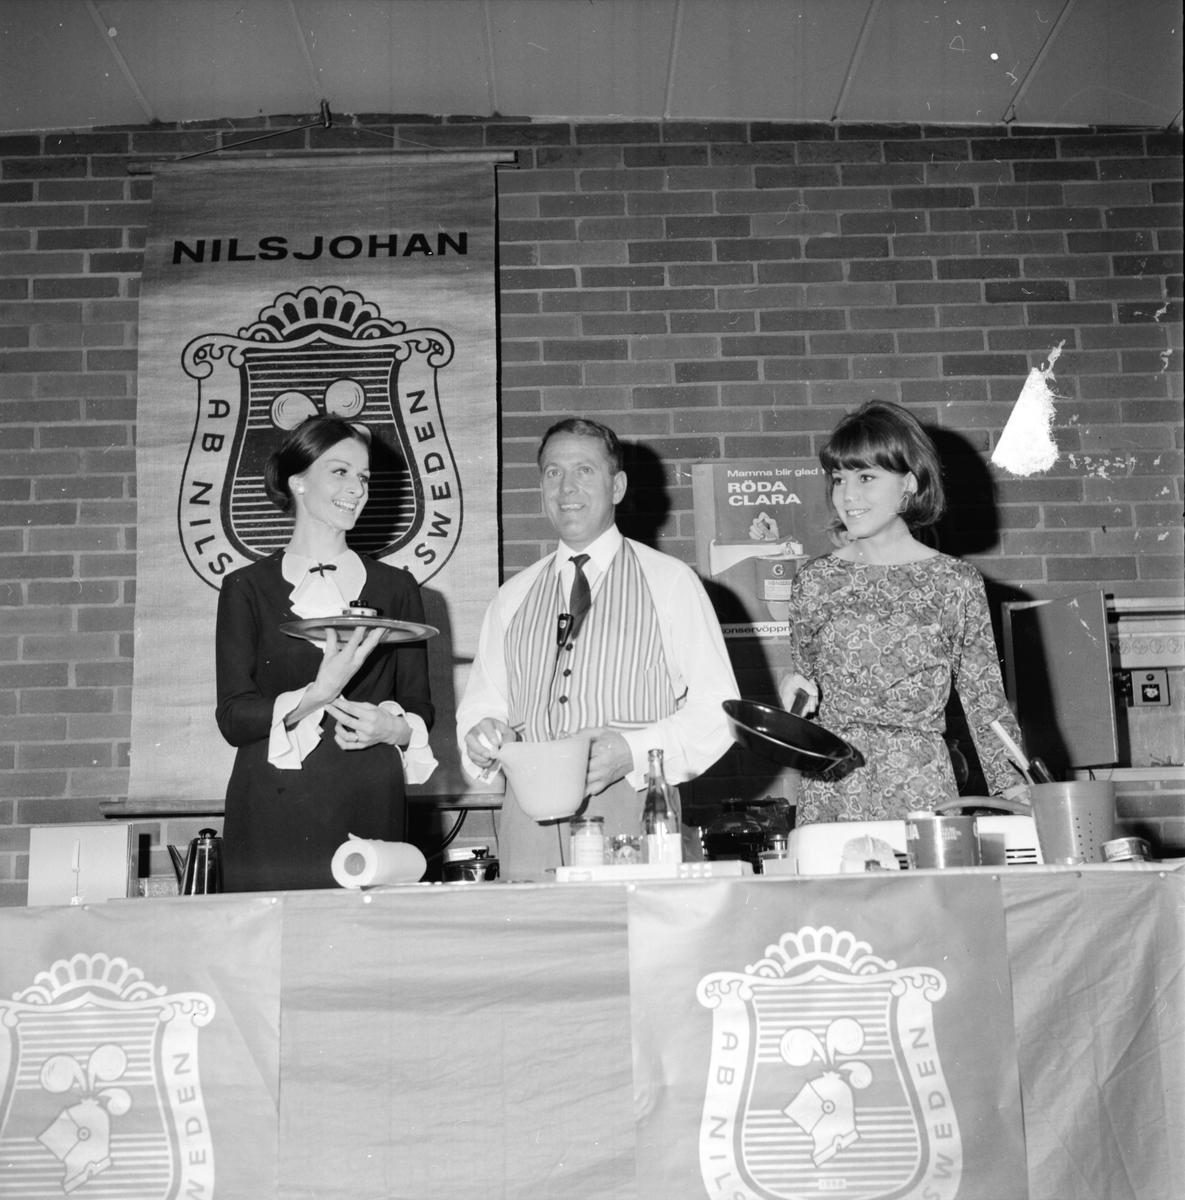 Nils Johans jippo på Folkets Hus, 16 Okt 1964